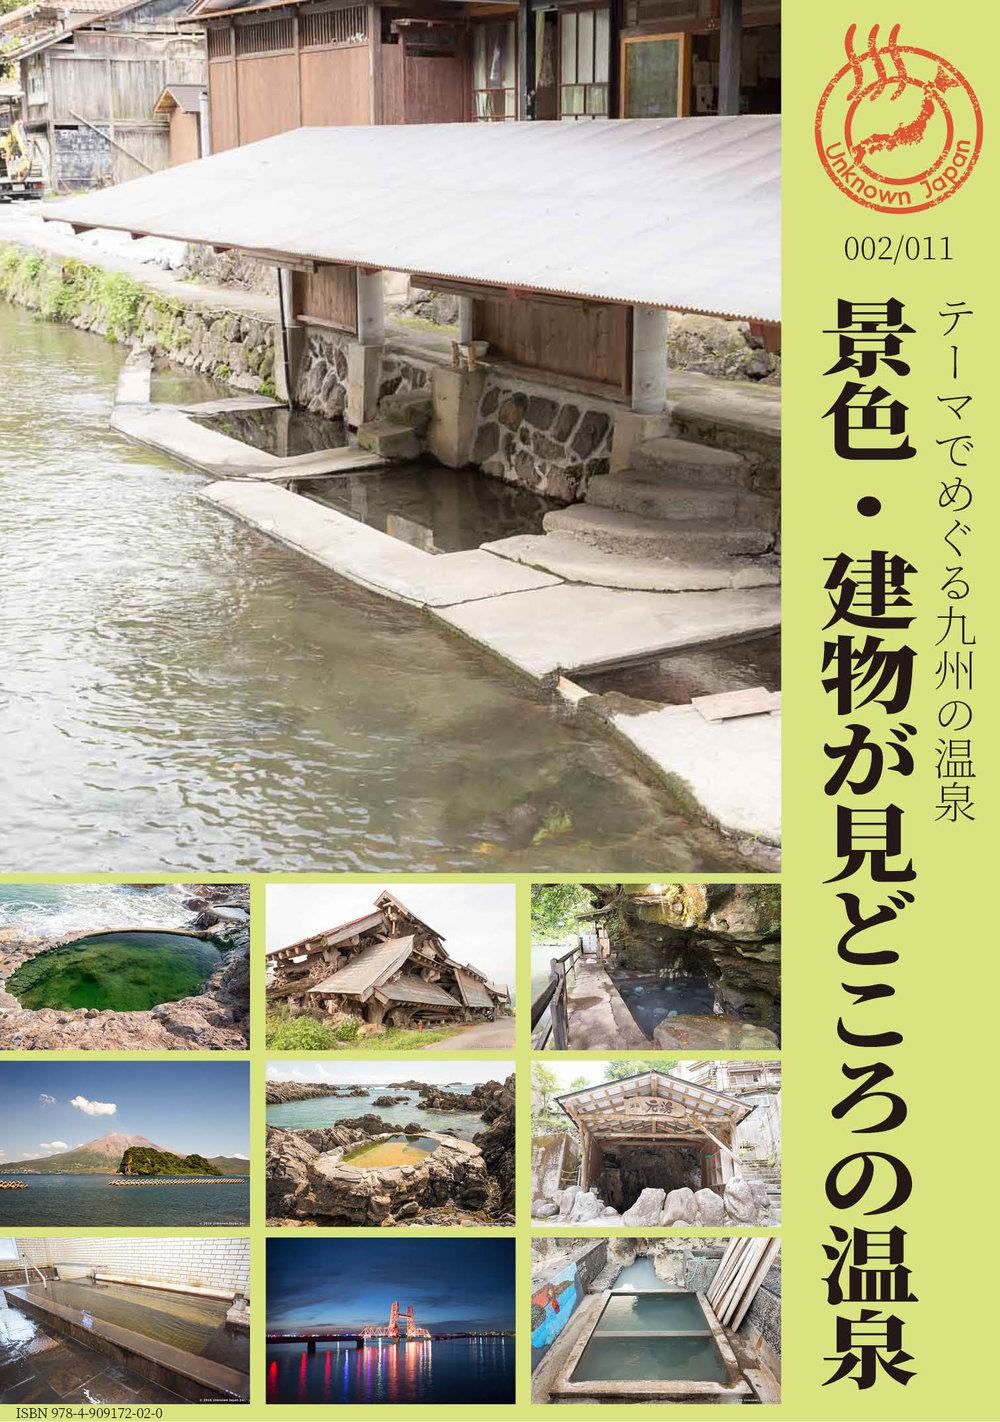 電子書籍「テーマでめぐる九州の温泉 002_景色・建物が見どころの温泉」  390円(税込)